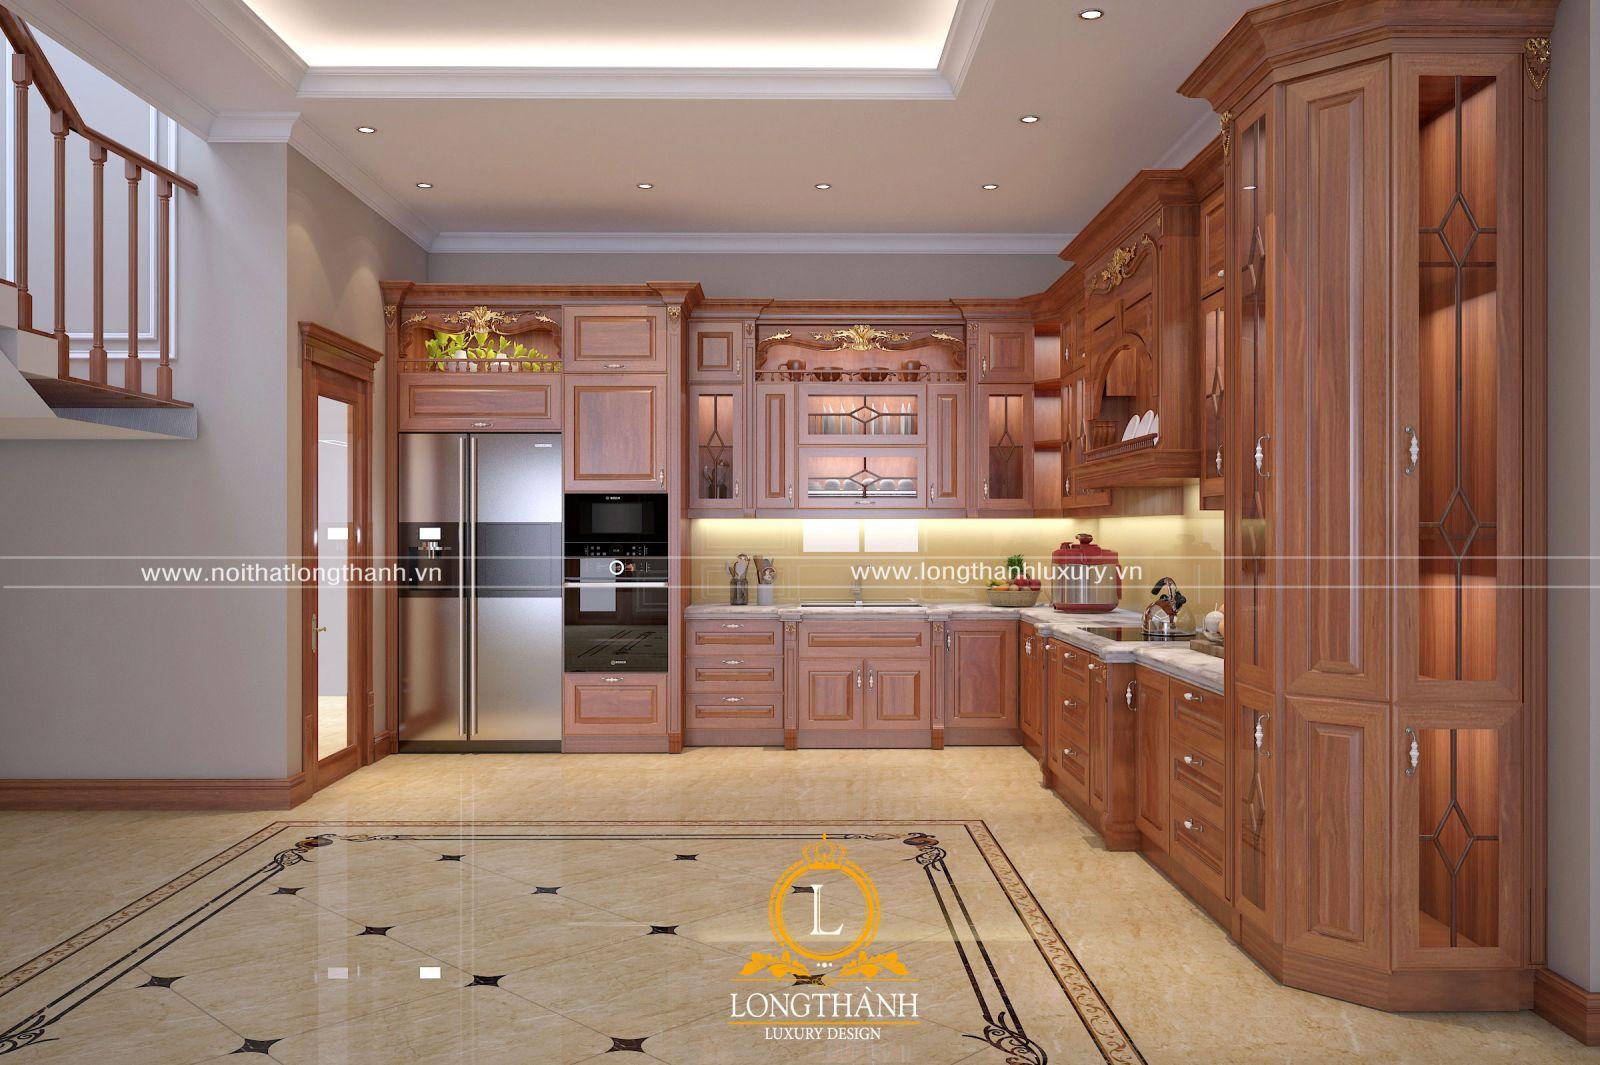 Bộ tủ bếp tân cổ điển làm từ gỗ Gõ cho nhà có không gian rộng